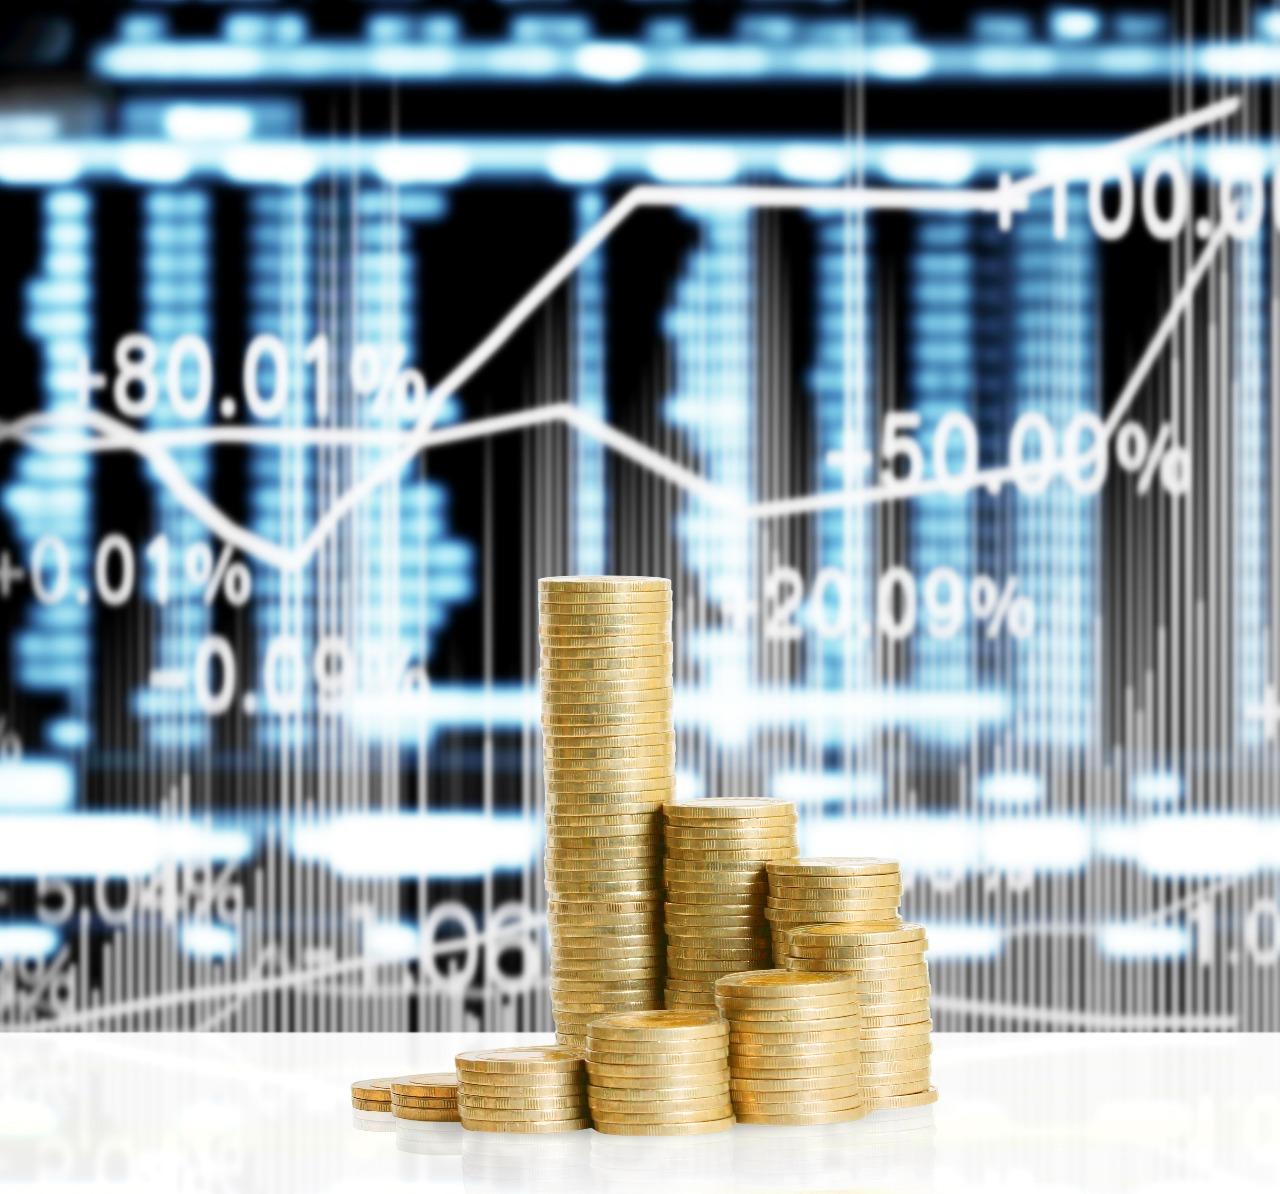 https: img.okeinfo.net content 2019 04 22 278 2046357 volume-penjualan-solusi-bangun-indonesia-tumbuh-4-08-PbEo5p1VIr.jpg